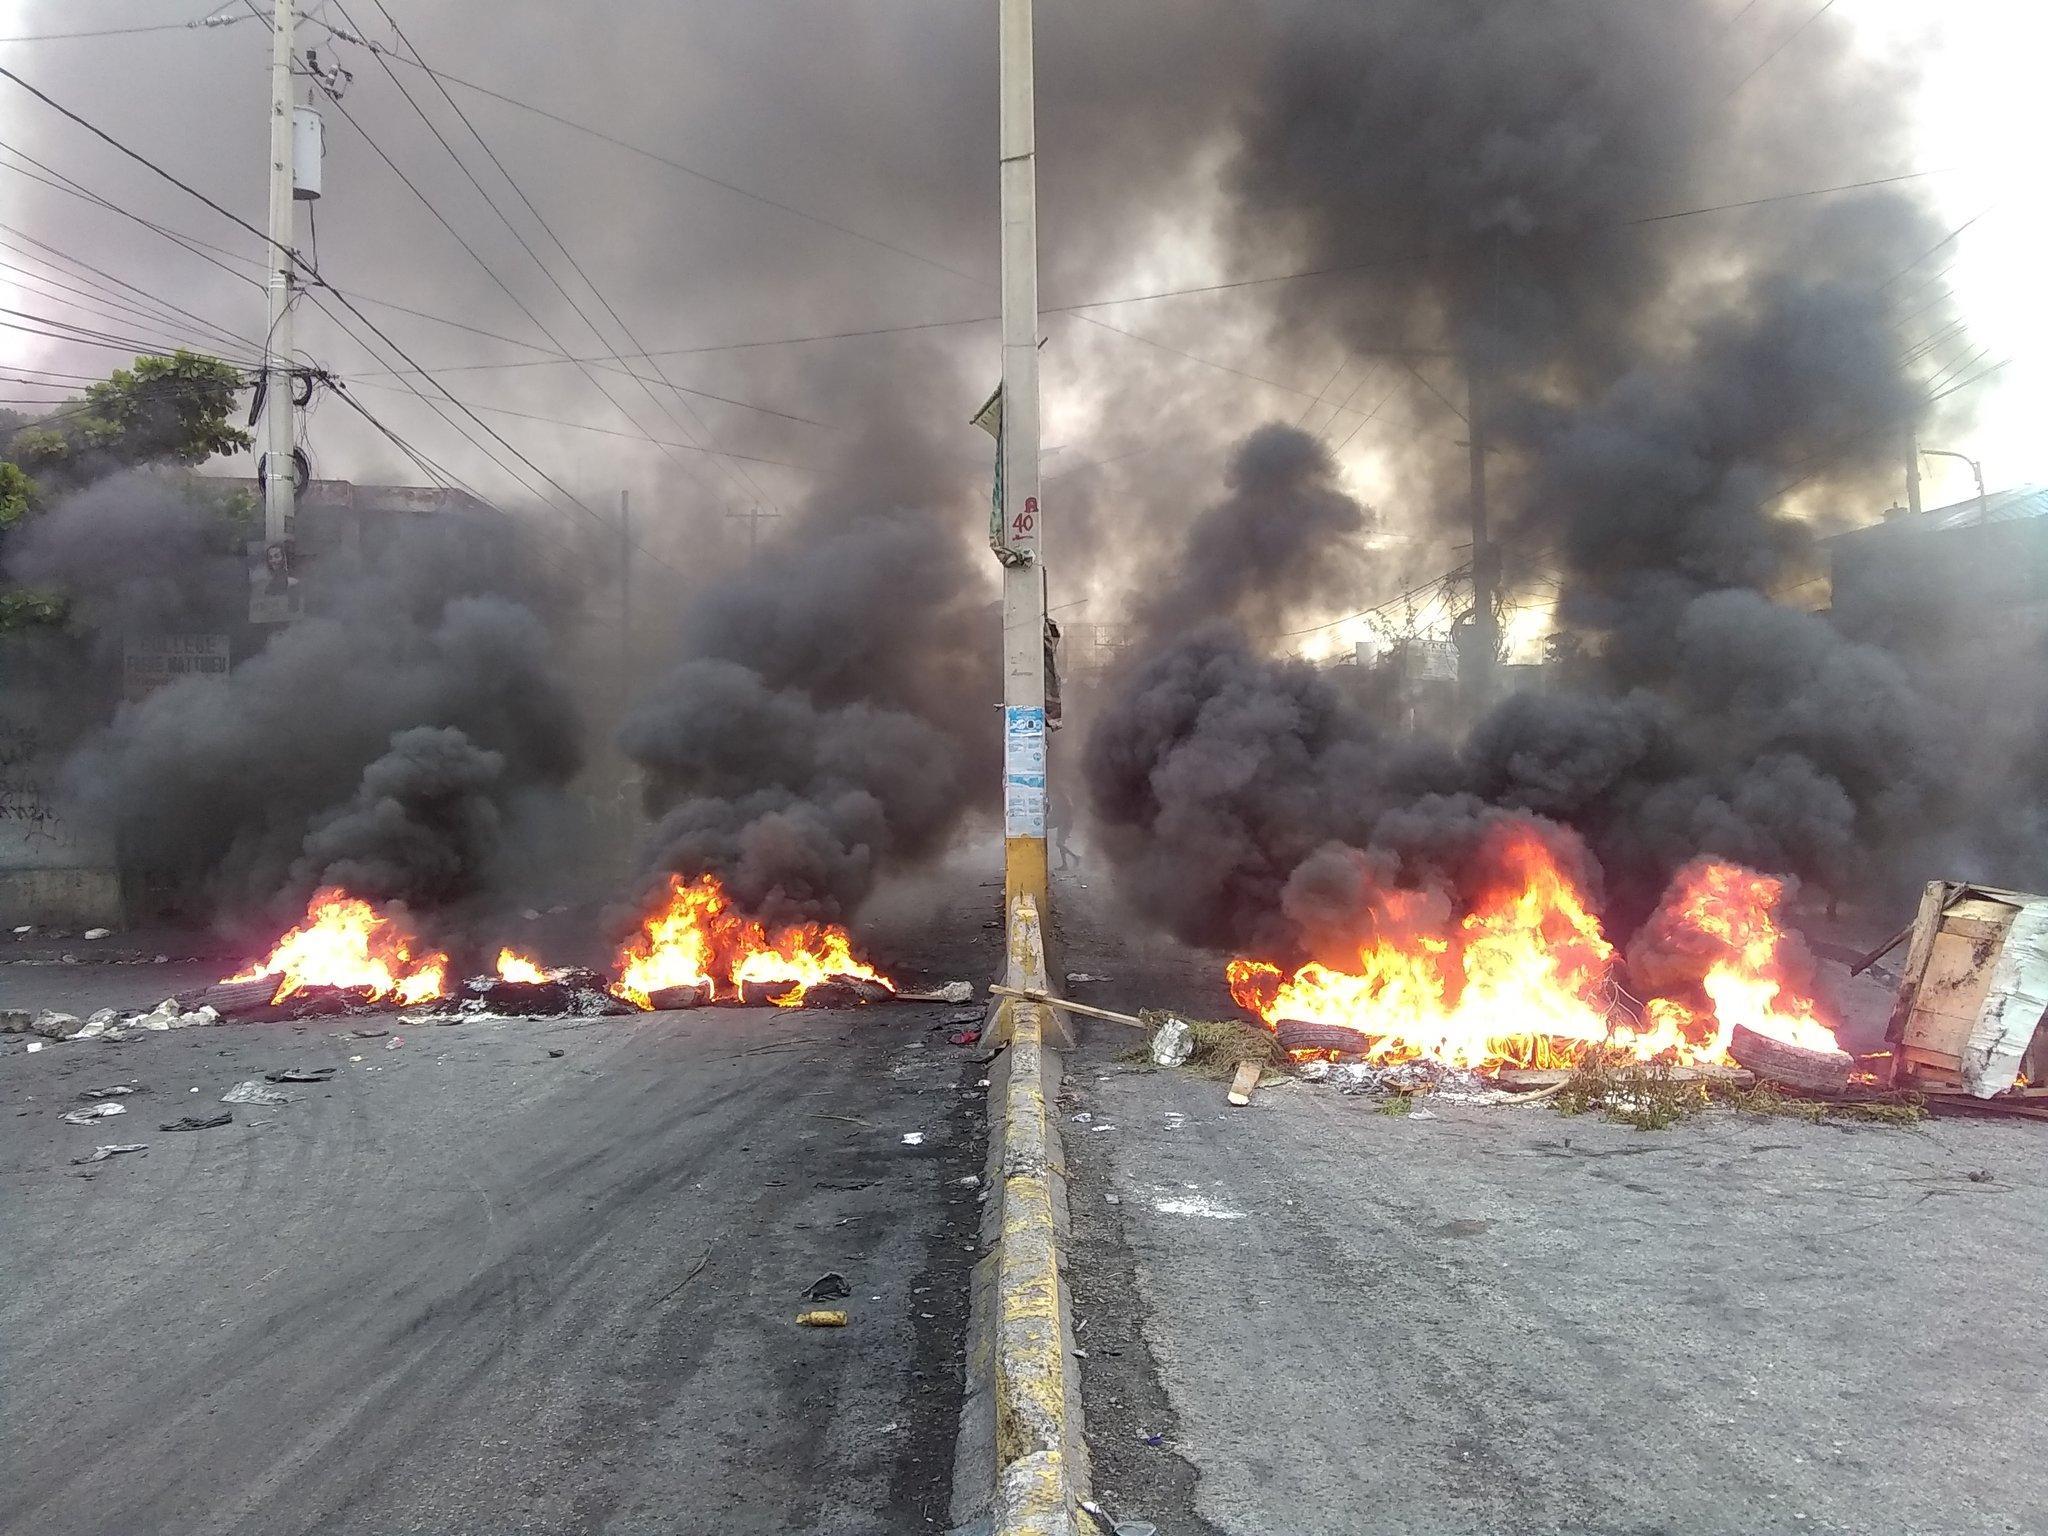 Haïti Mobilisation : Une nouvelle journée de protestation contre le pouvoir en place